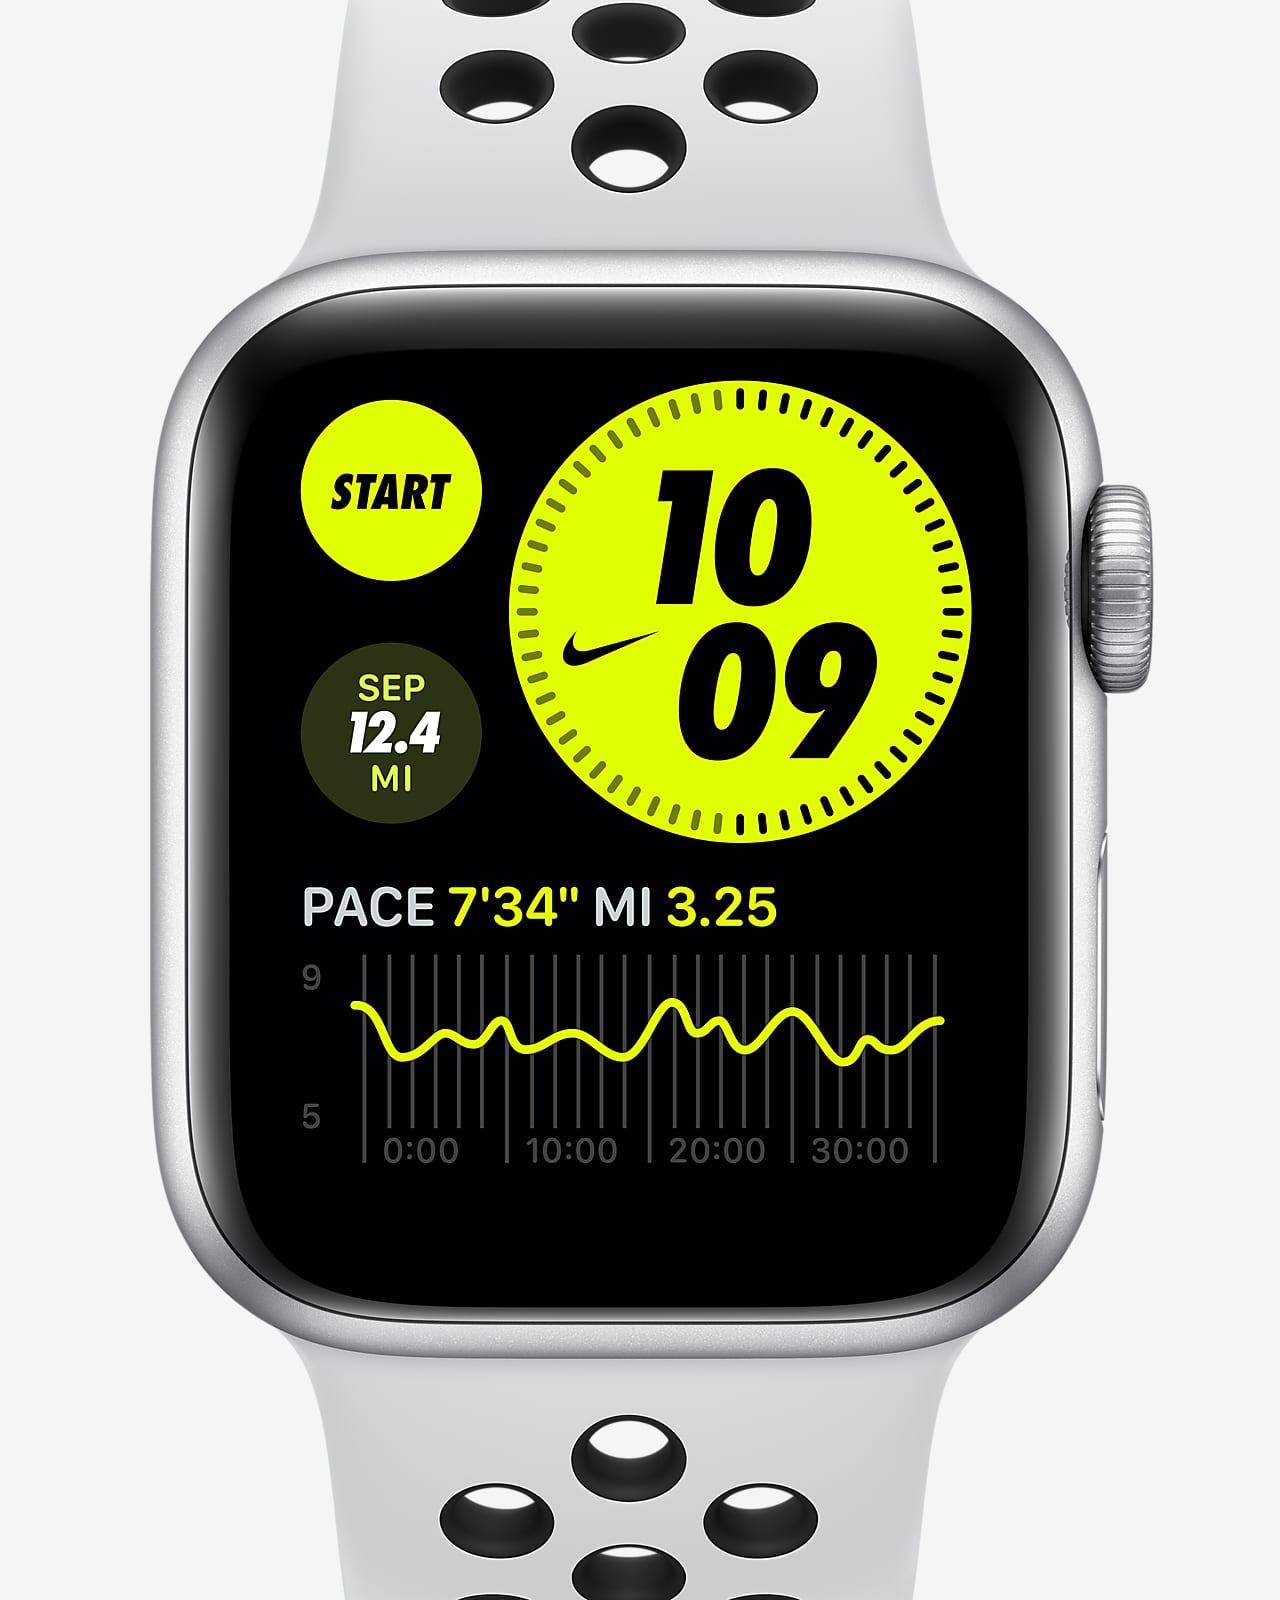 ساعة ابل نايكي SE GPS, 40 ملم هيكل رمادي من الالمنيوم مع سوار نايك الرياضي اسود / اسود - عادي